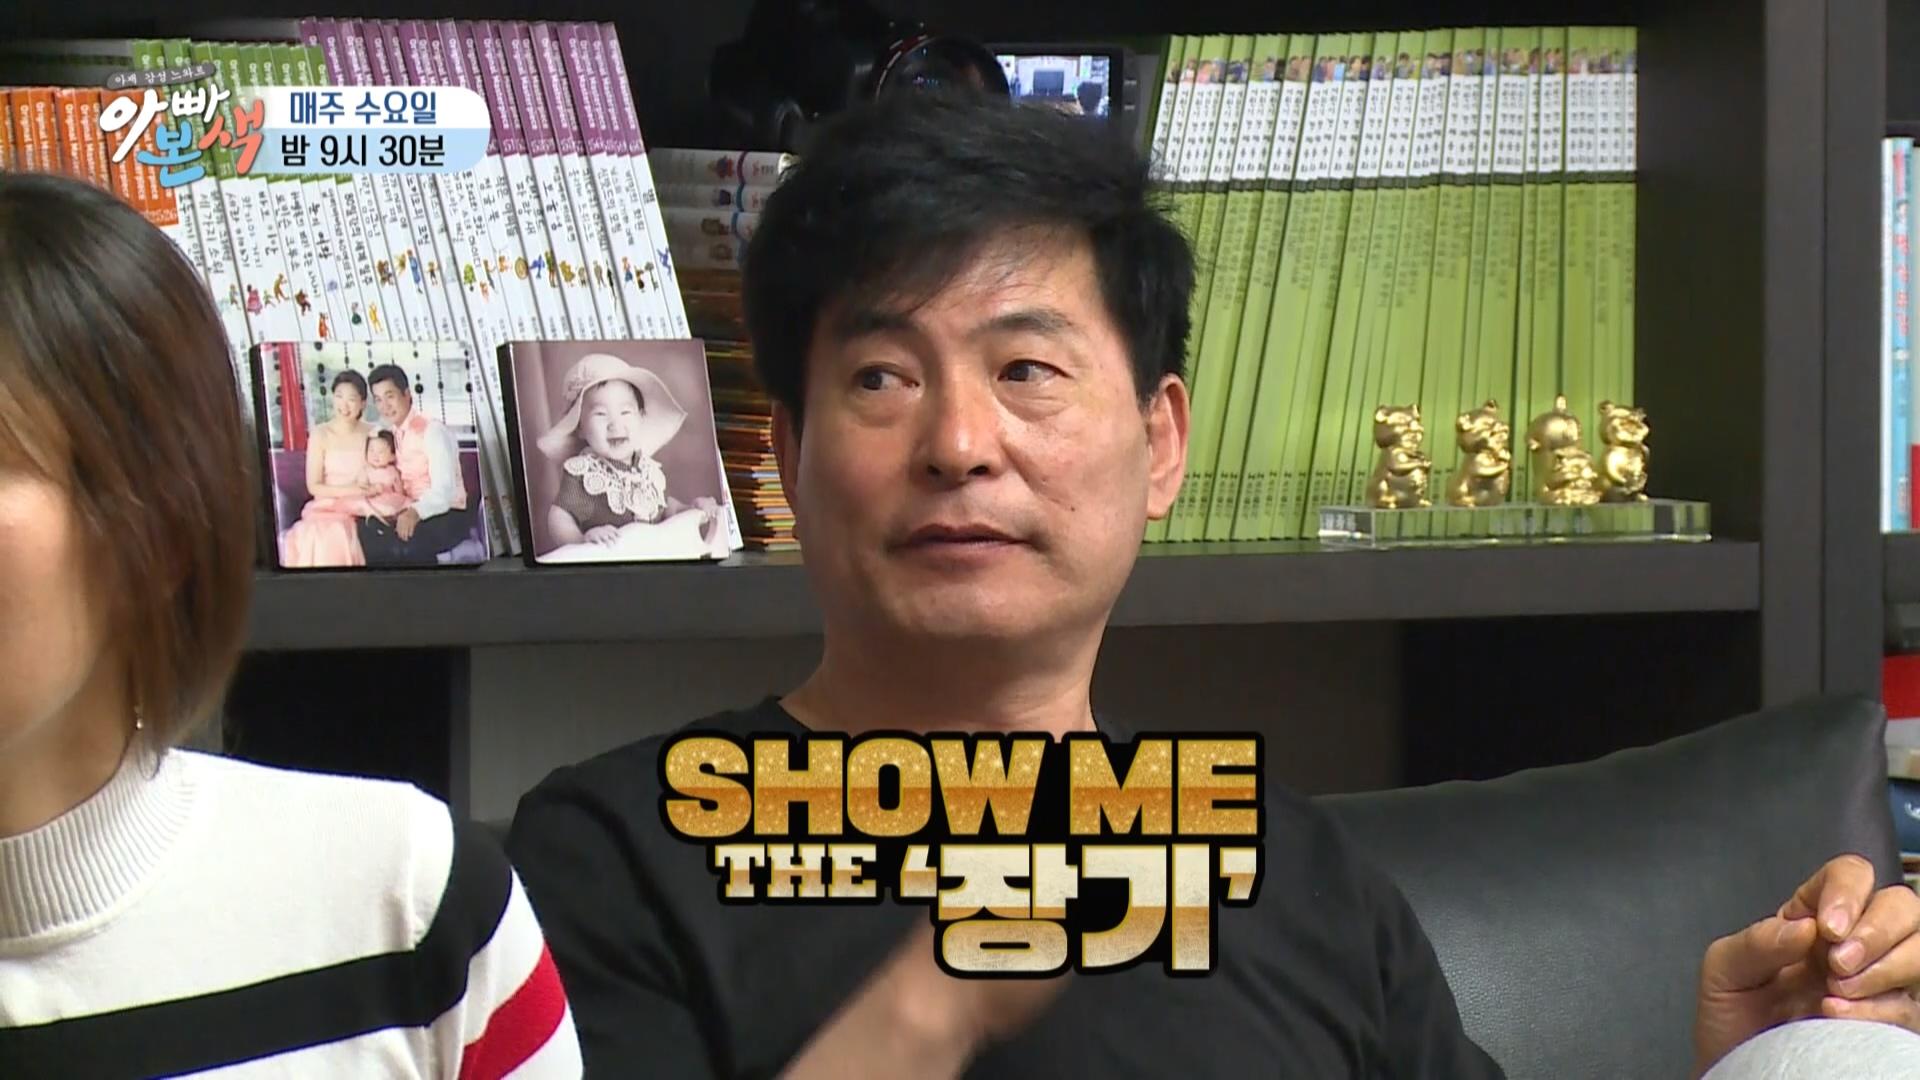 [선공개] 자전거를 위한 치열한 장기자랑 대잔치! SHOW ME THE